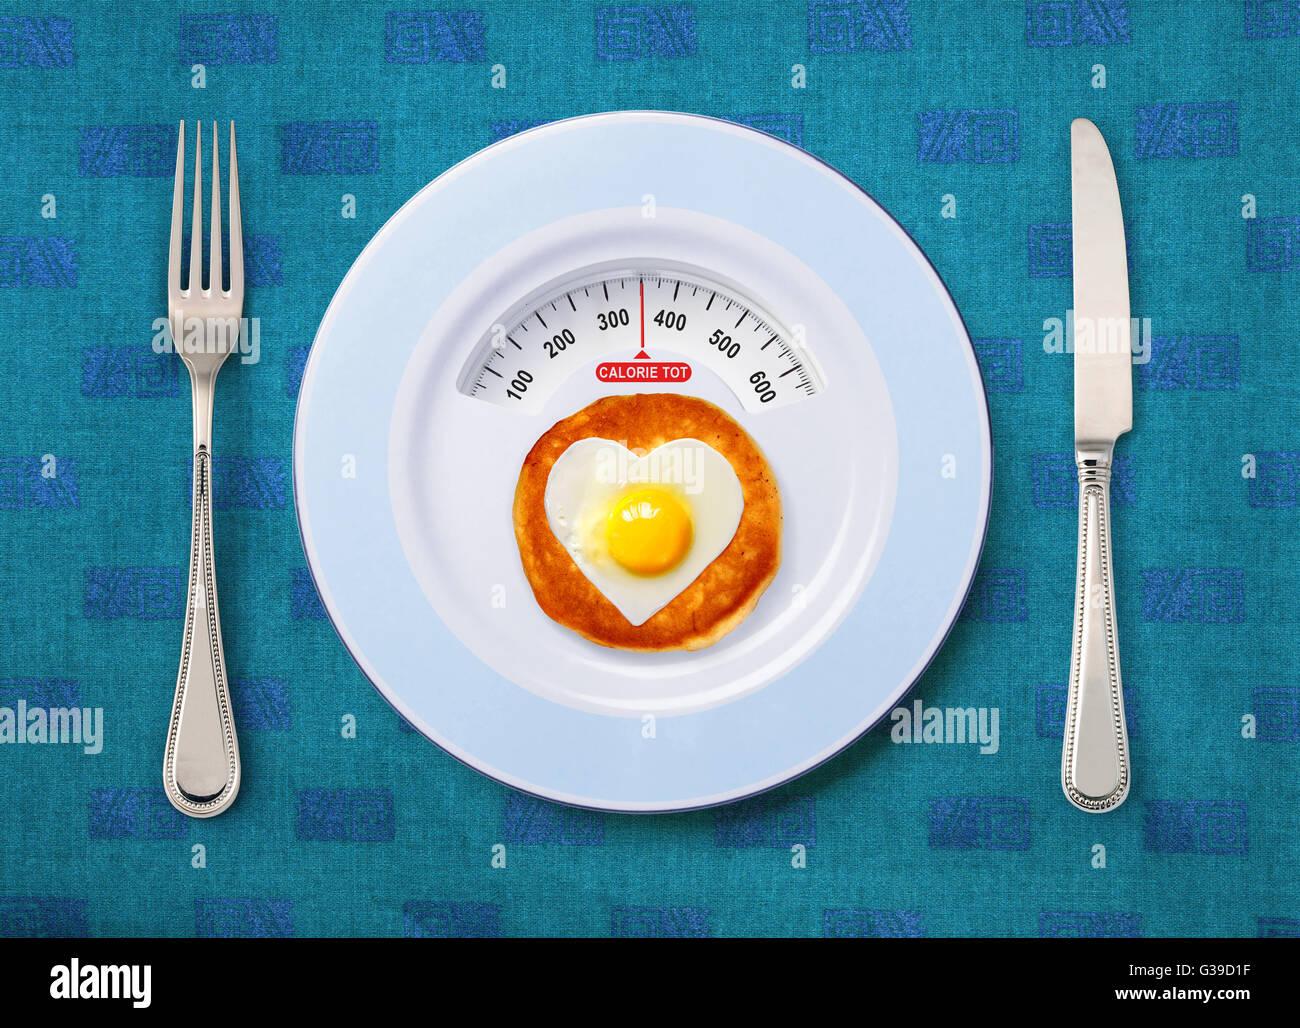 Ansicht der Kalorie tot im Spiegelei, auf weißen Teller Stockfoto